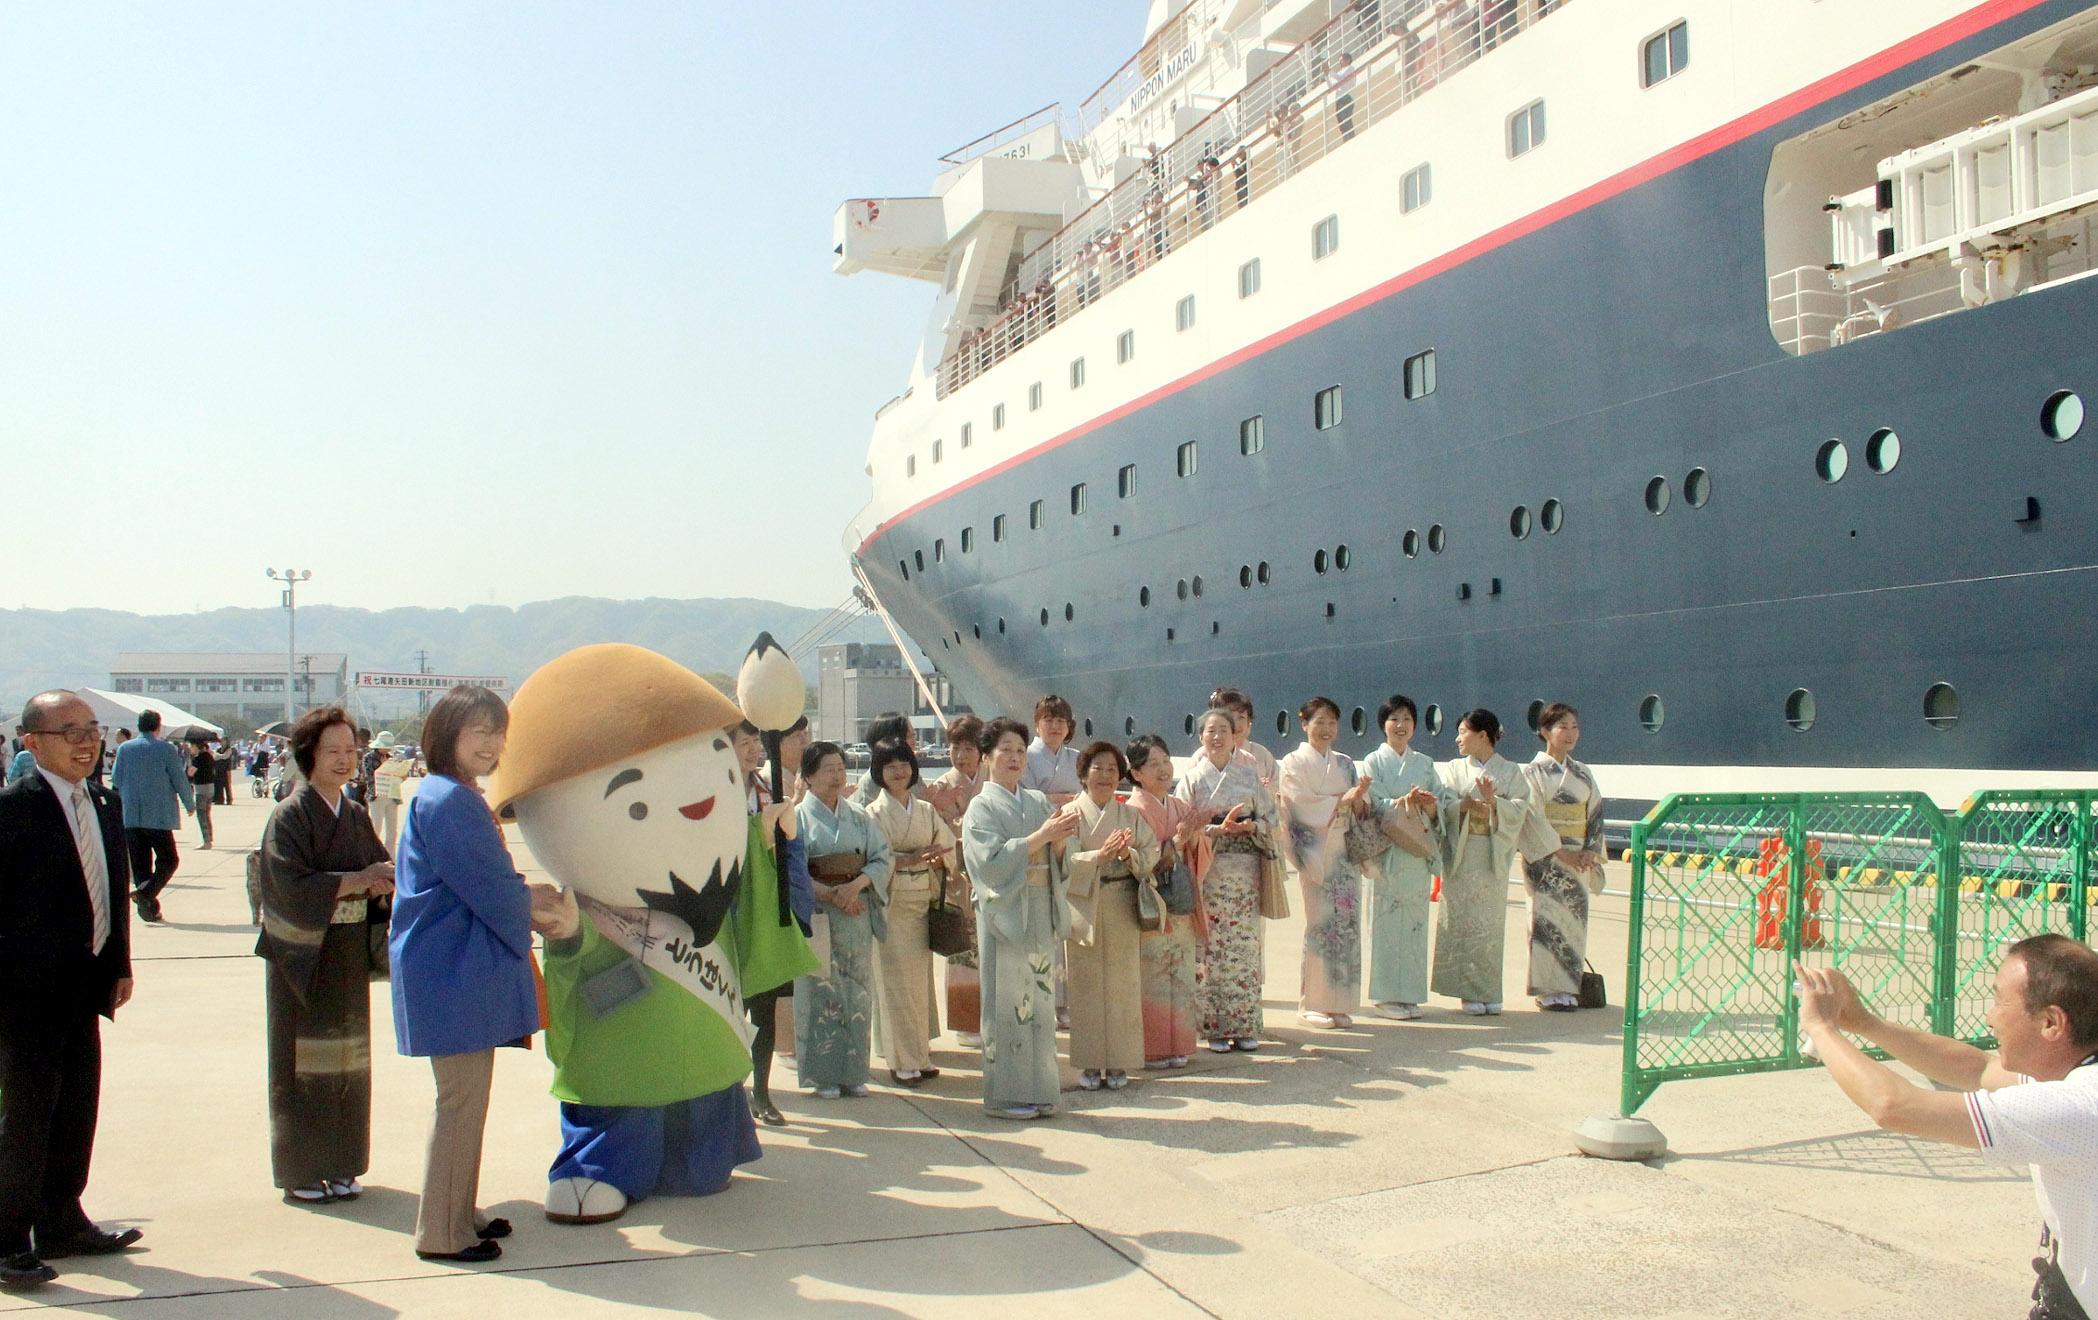 とうはくんと記念撮影するにっぽん丸の乗客=1日午前9時10分、七尾港矢田新第1埠頭